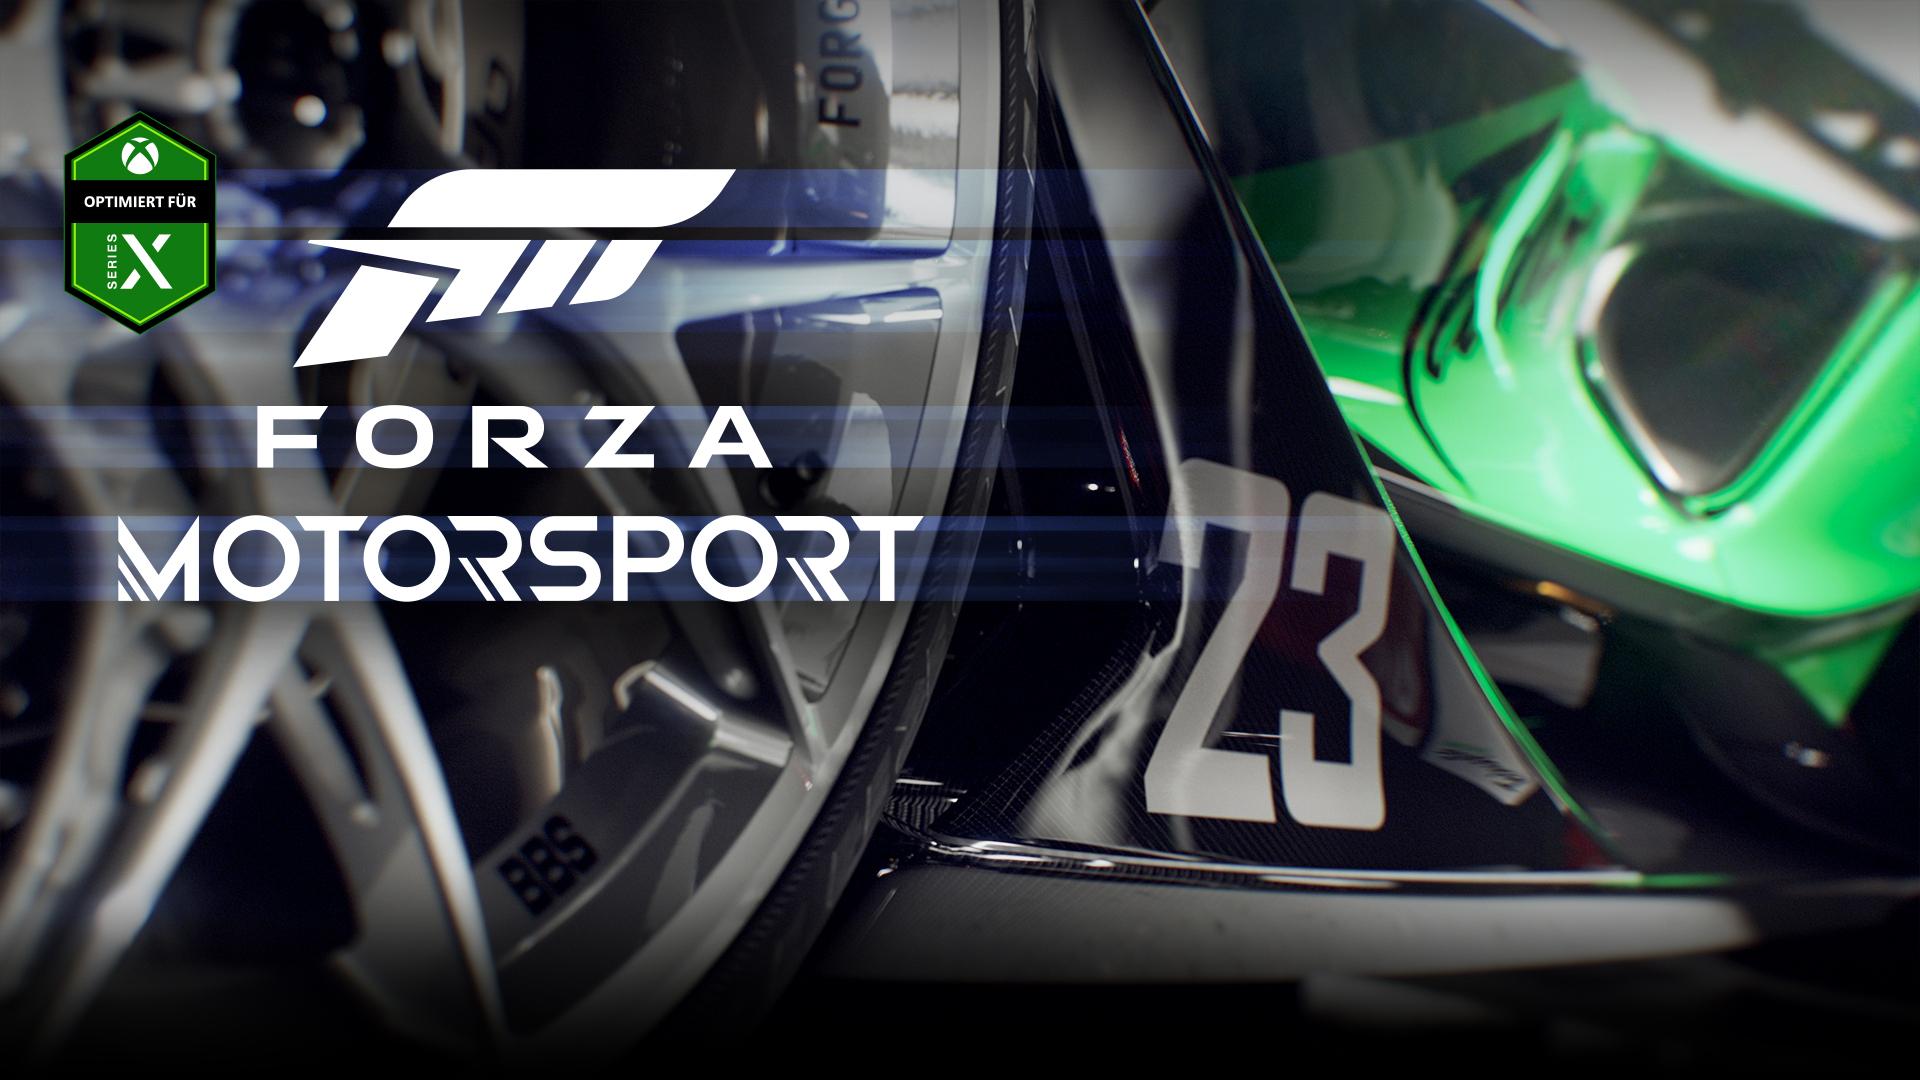 Optimiert für Xbox Series X, Forza Motorsport, Nahaufnahme eines Rads